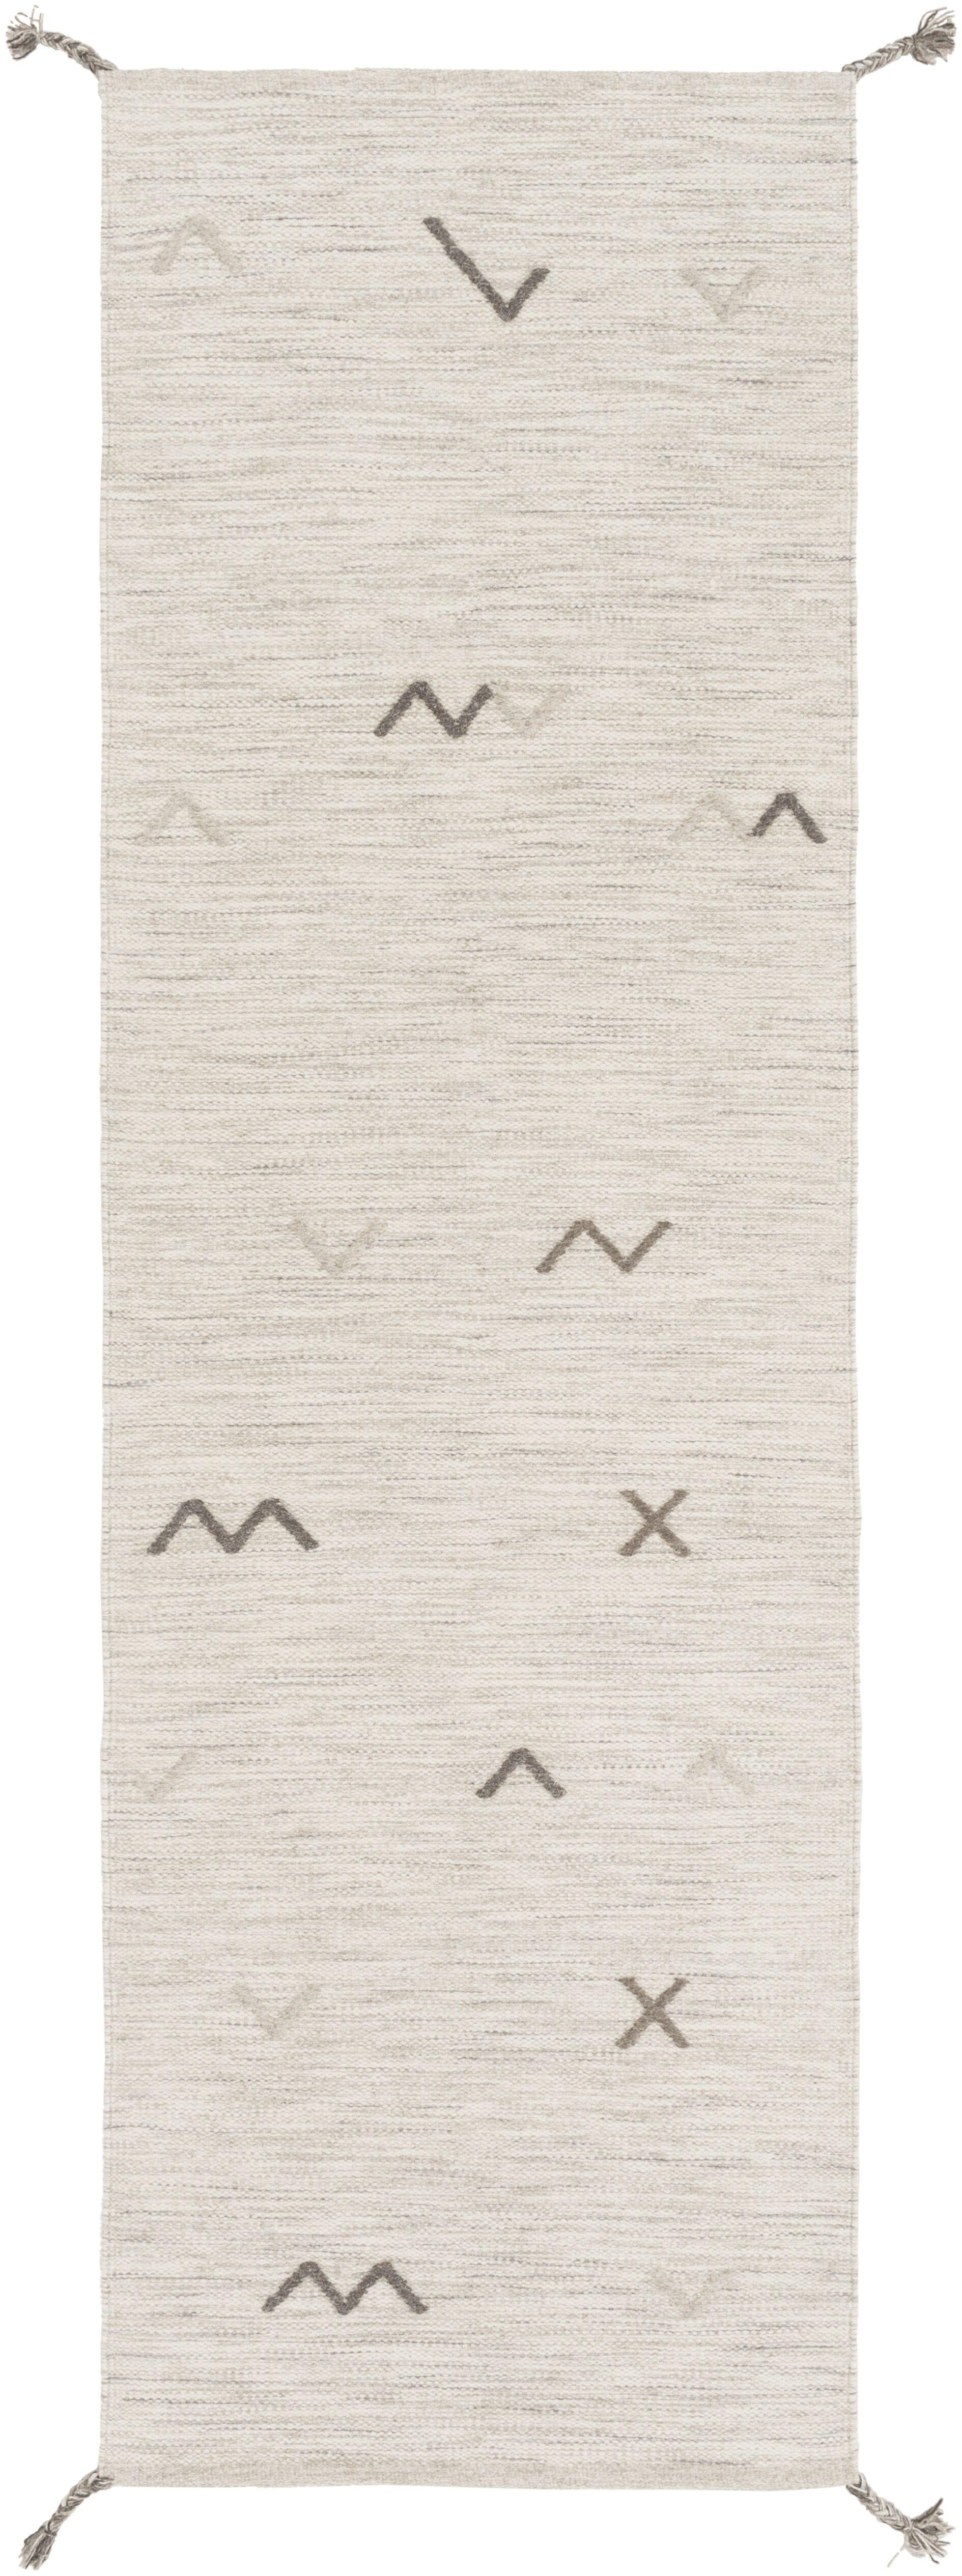 Danise Hand-Woven Wool Light Gray Area Rug Rug Size: Runner 2'6